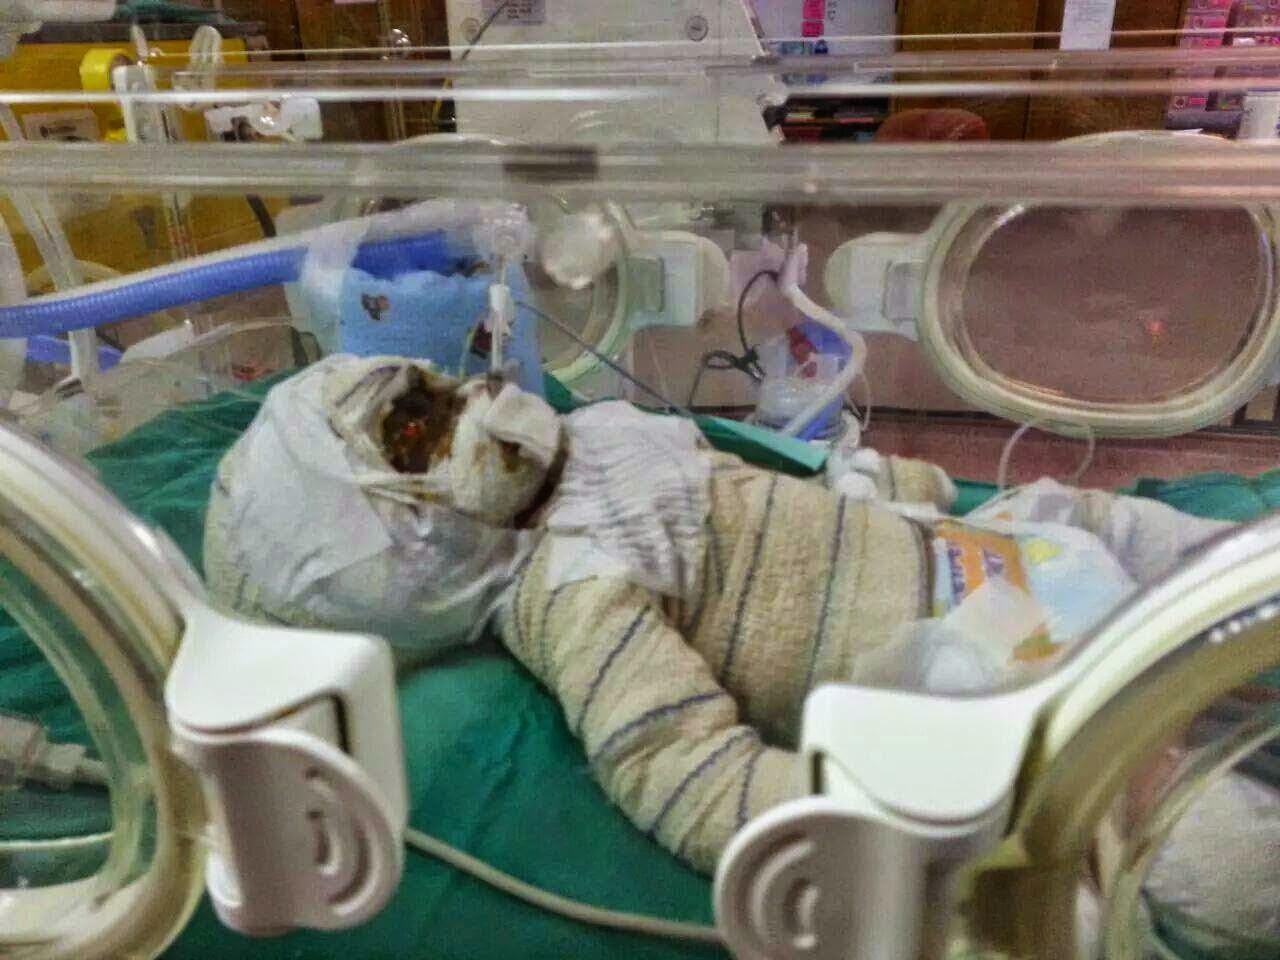 Sedih Bayi Kembar Mangsa Banjir Meninggal Dunia Akibat Kebakaran Semasa Banjir di Kelantan